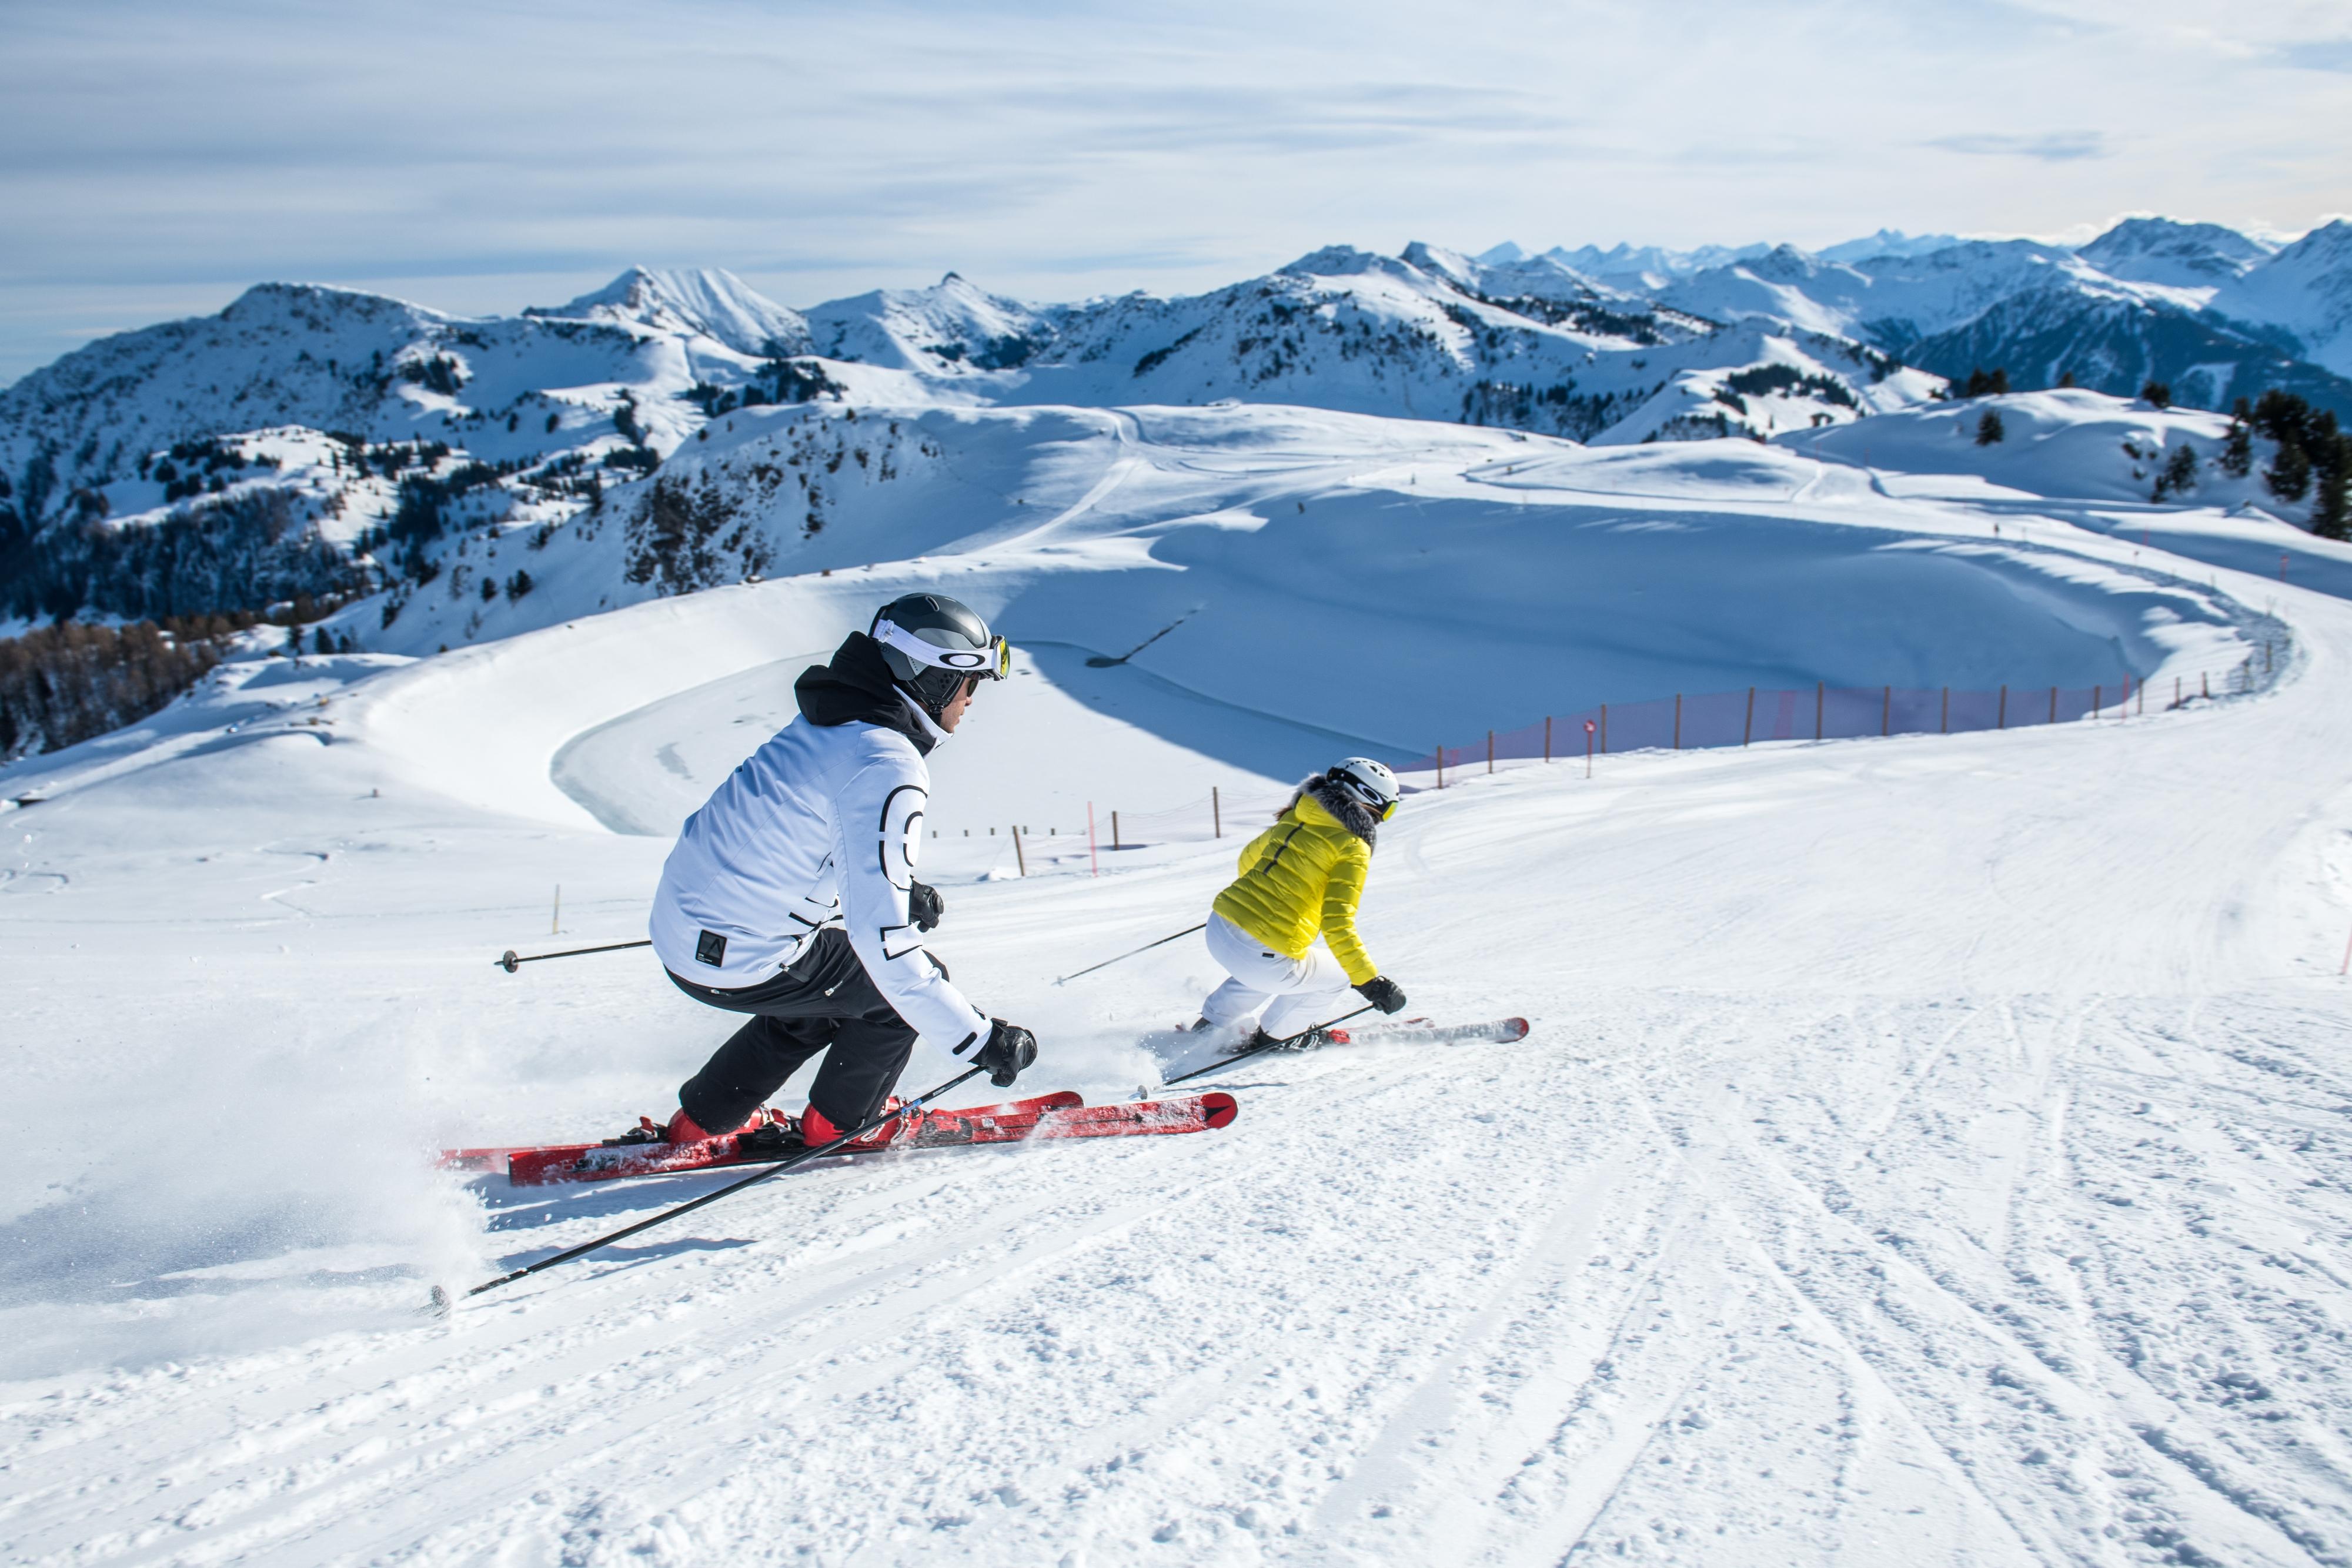 Skifahrer Pärchen aktiv im Schmee Winter Alpen Kitzbüheler Horn